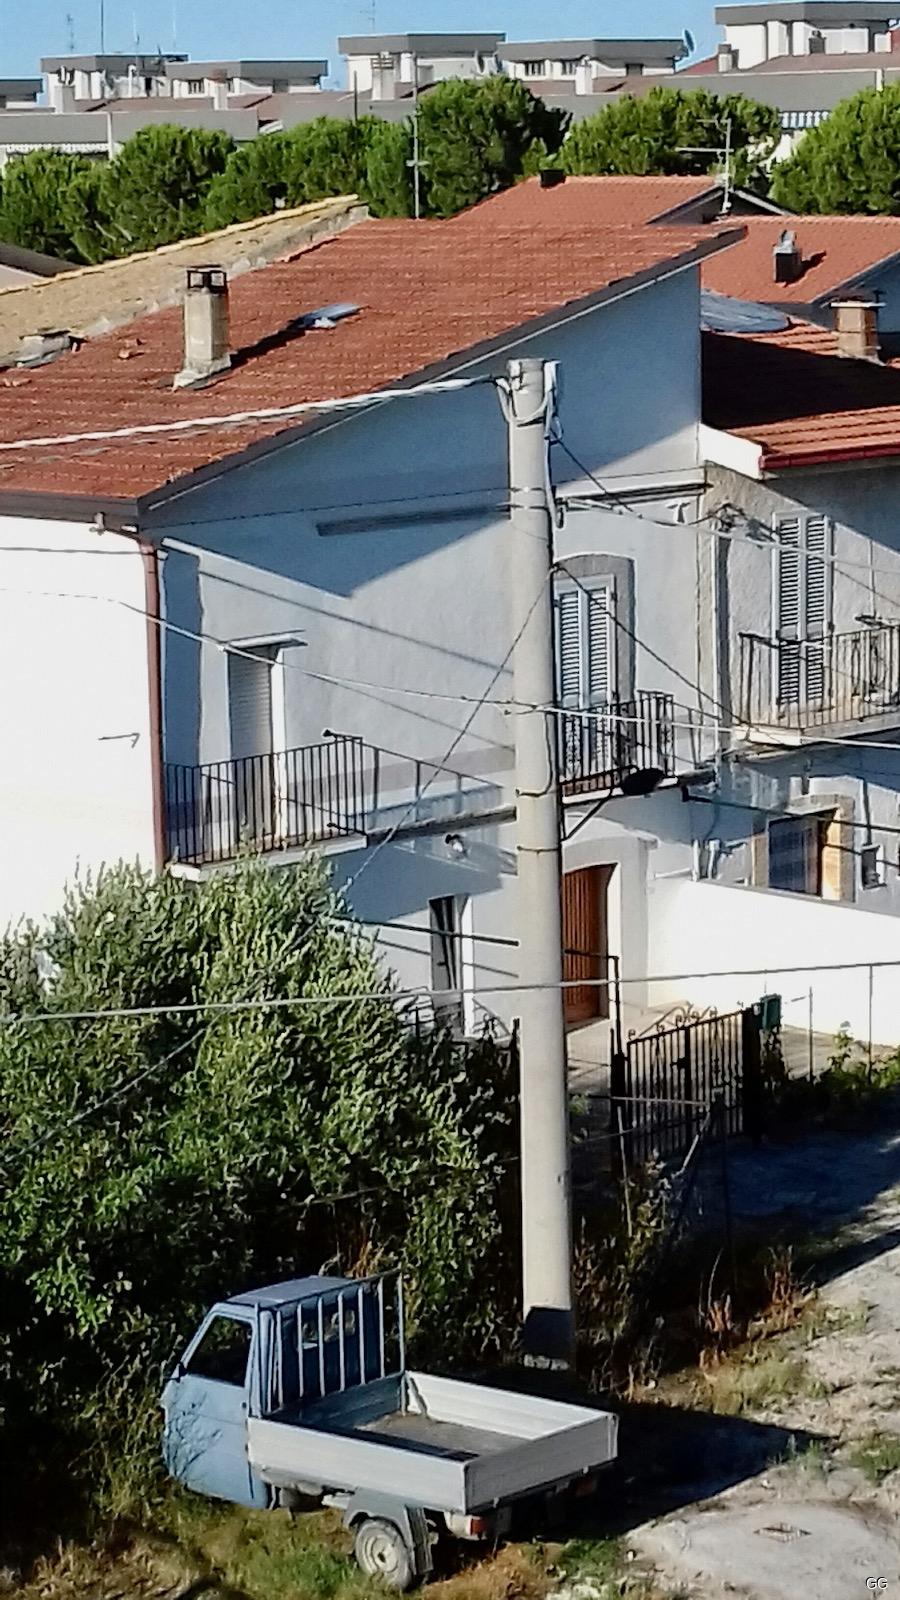 das Haus in seiner Umgebung